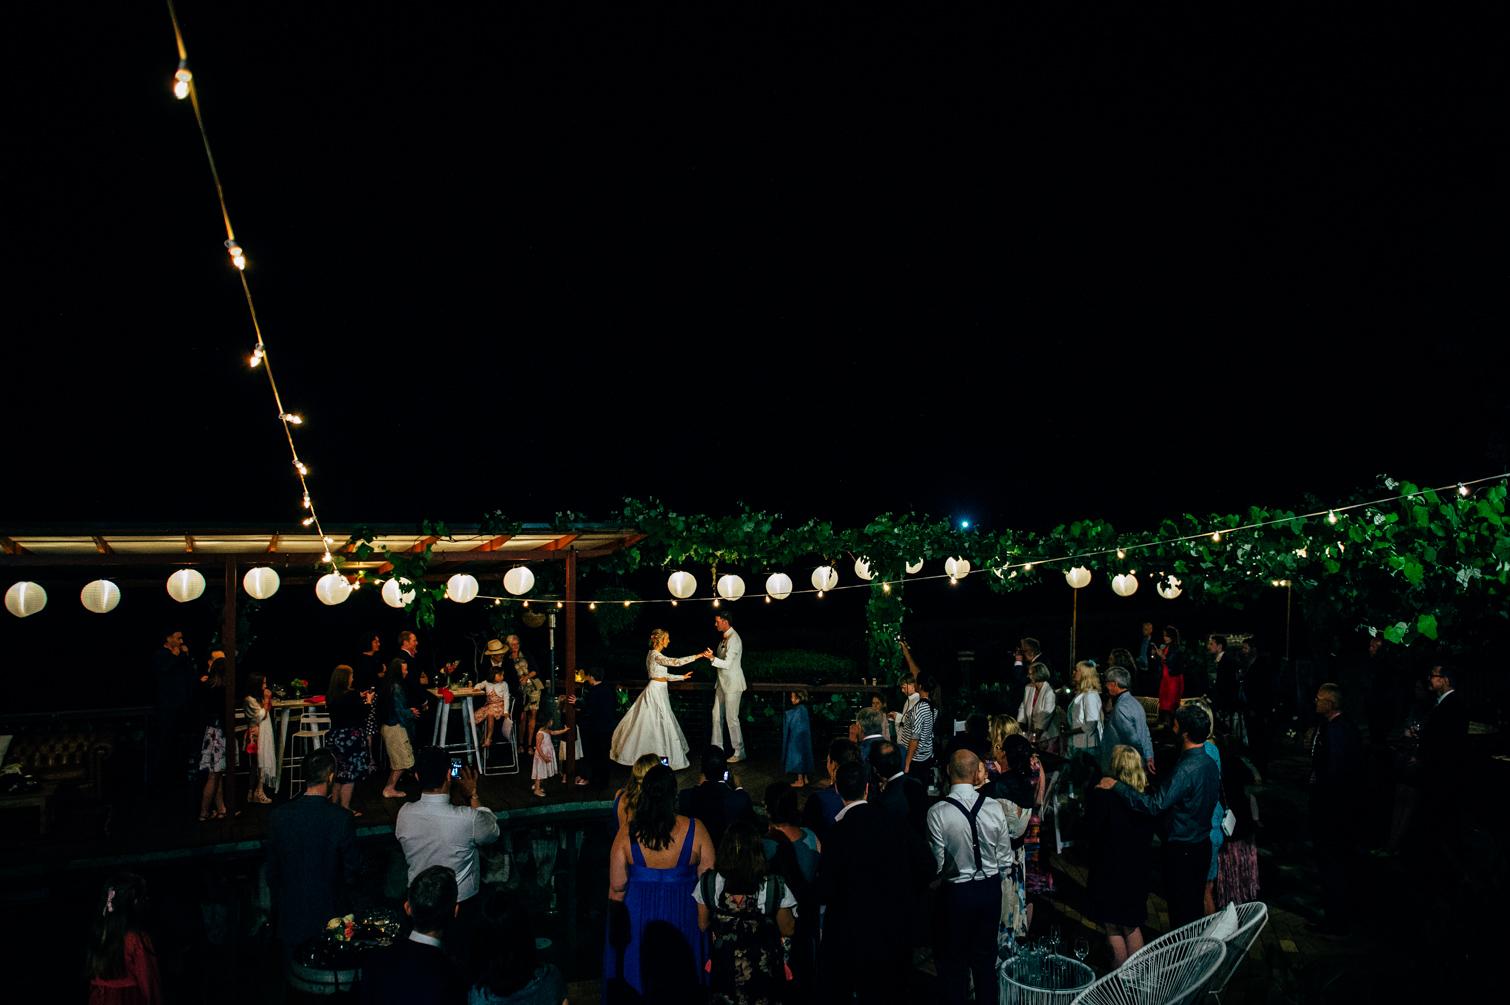 Byron_Bay_Figtree_Restaurant_Wedding_Venue-77.jpg